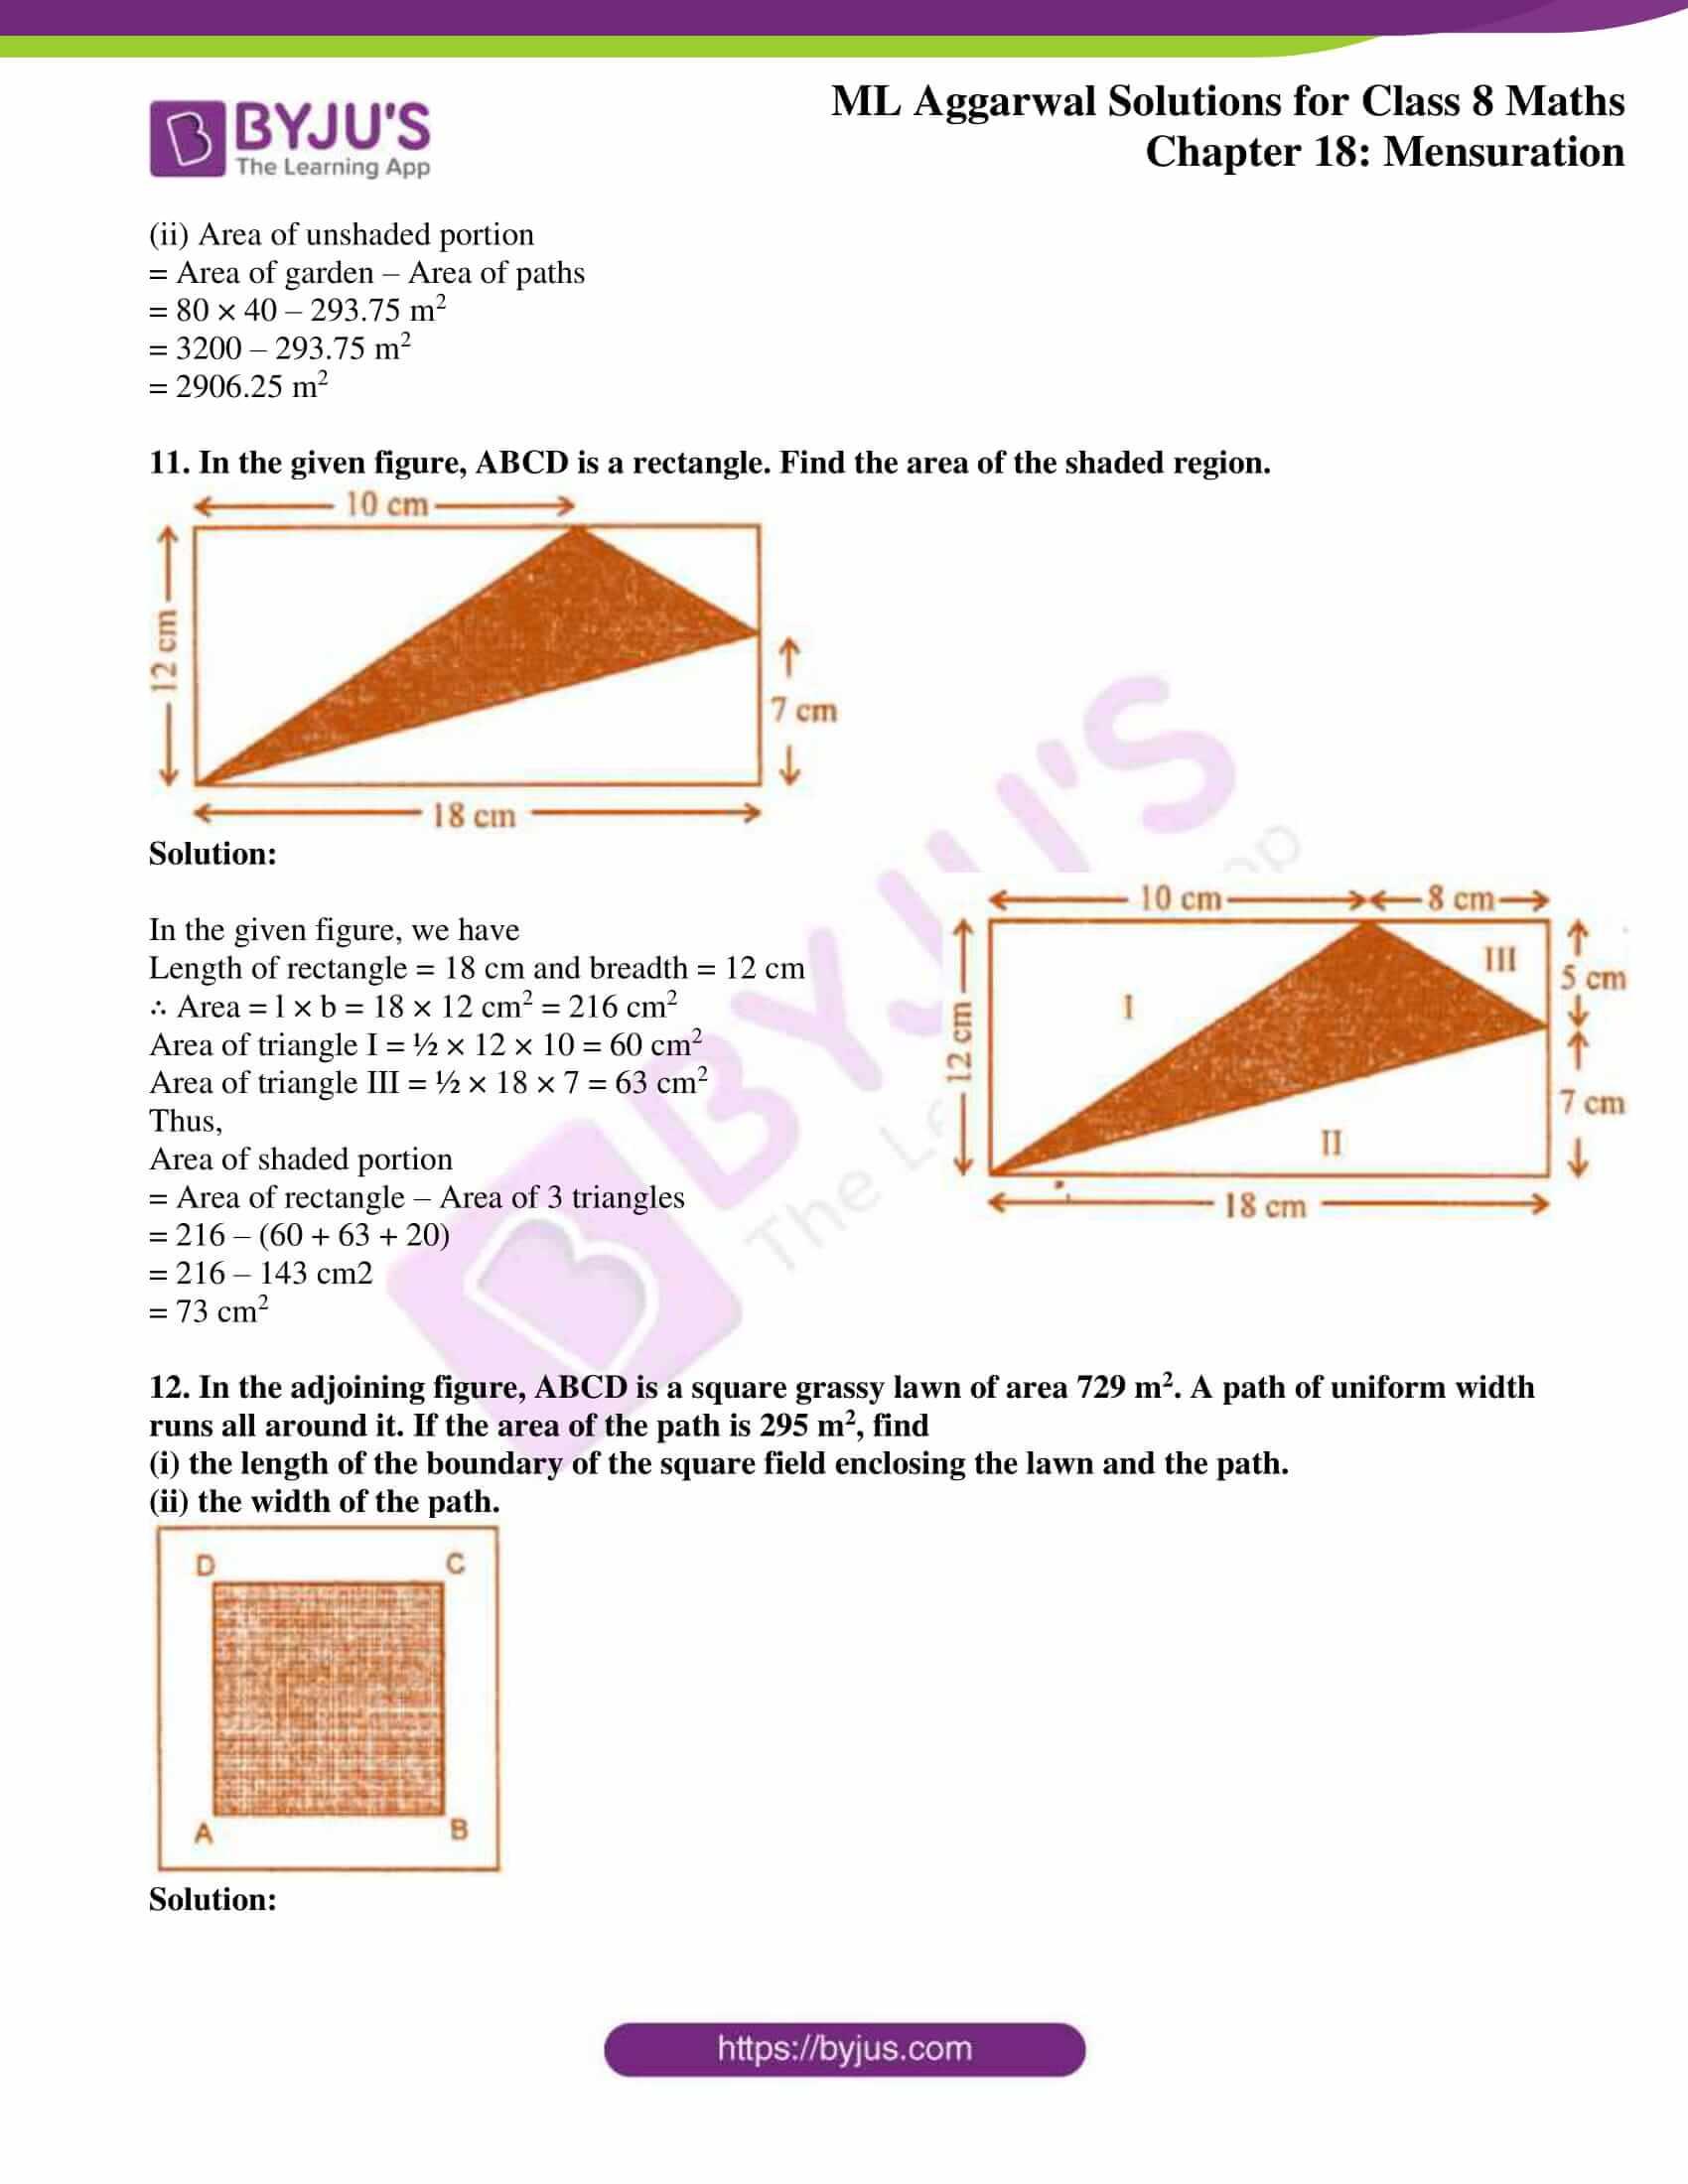 ml aggarwal sol mathematics class 8 ch 18 06